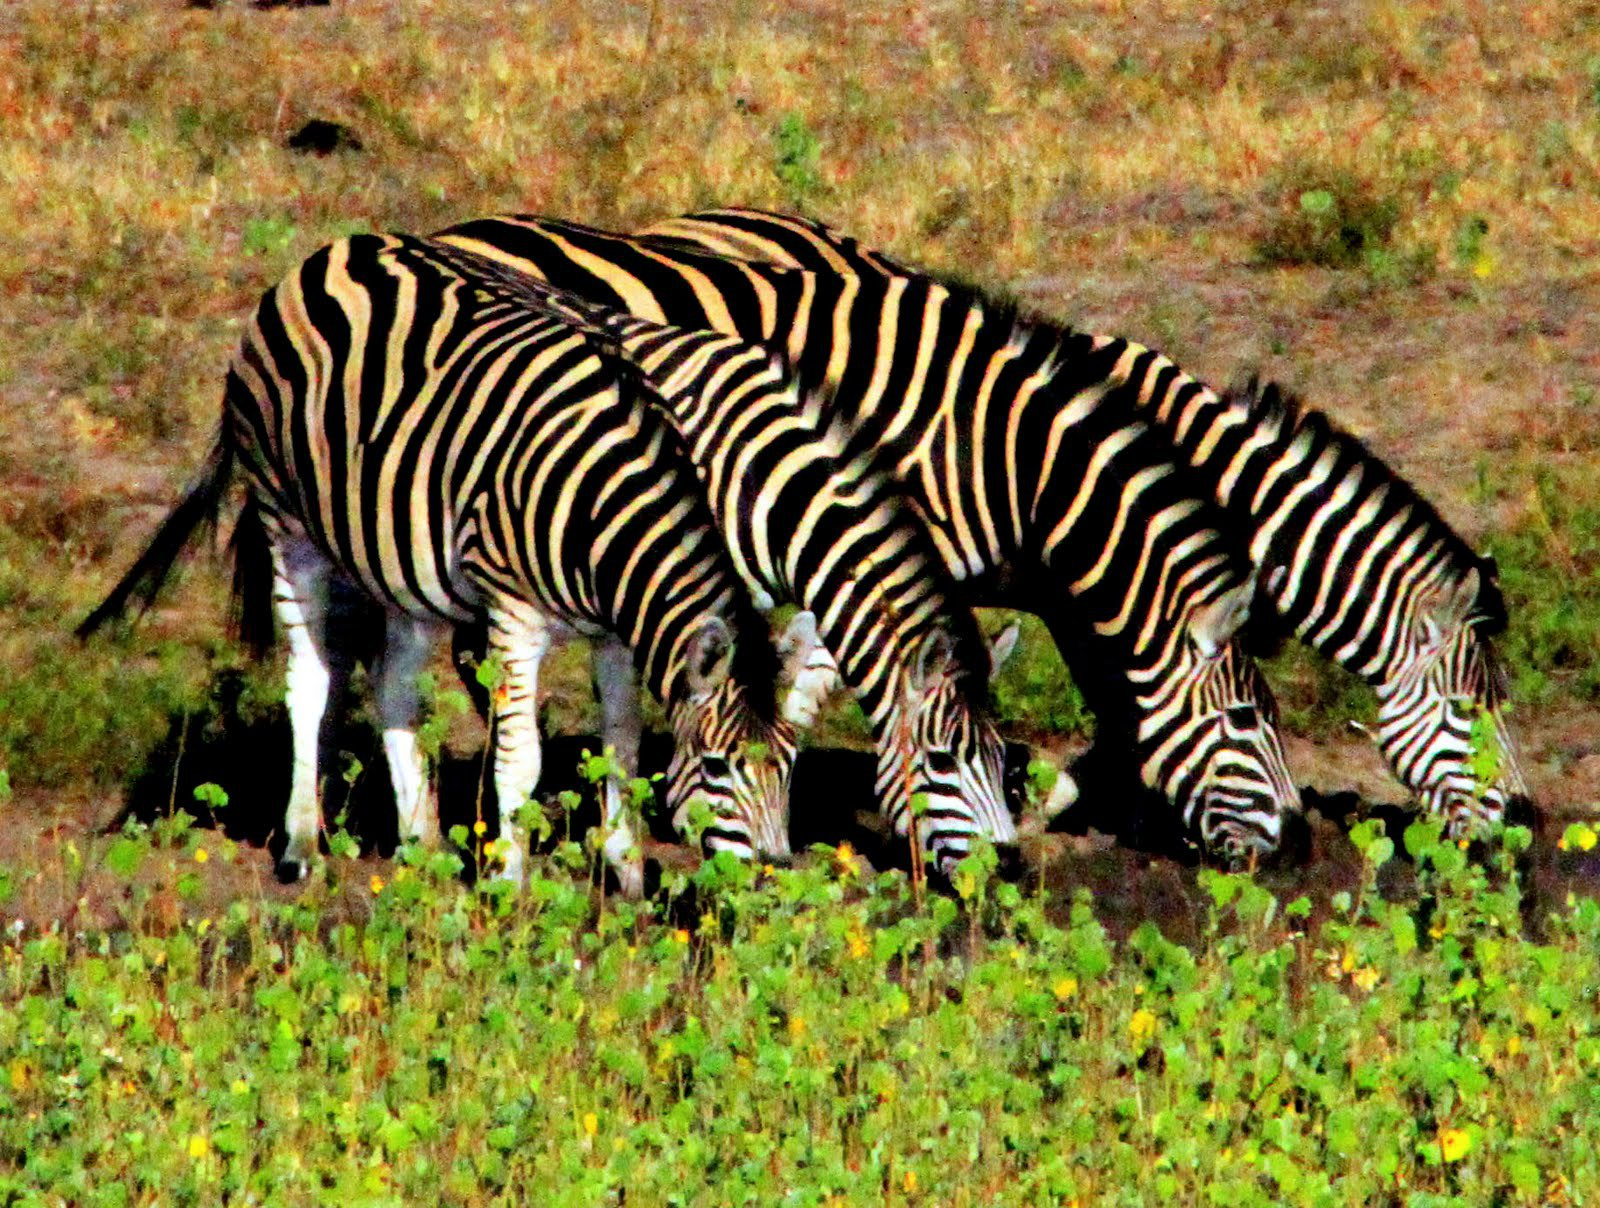 南非克鲁格公园是南非最大的野生动物保护区,里面有很多种动物,大